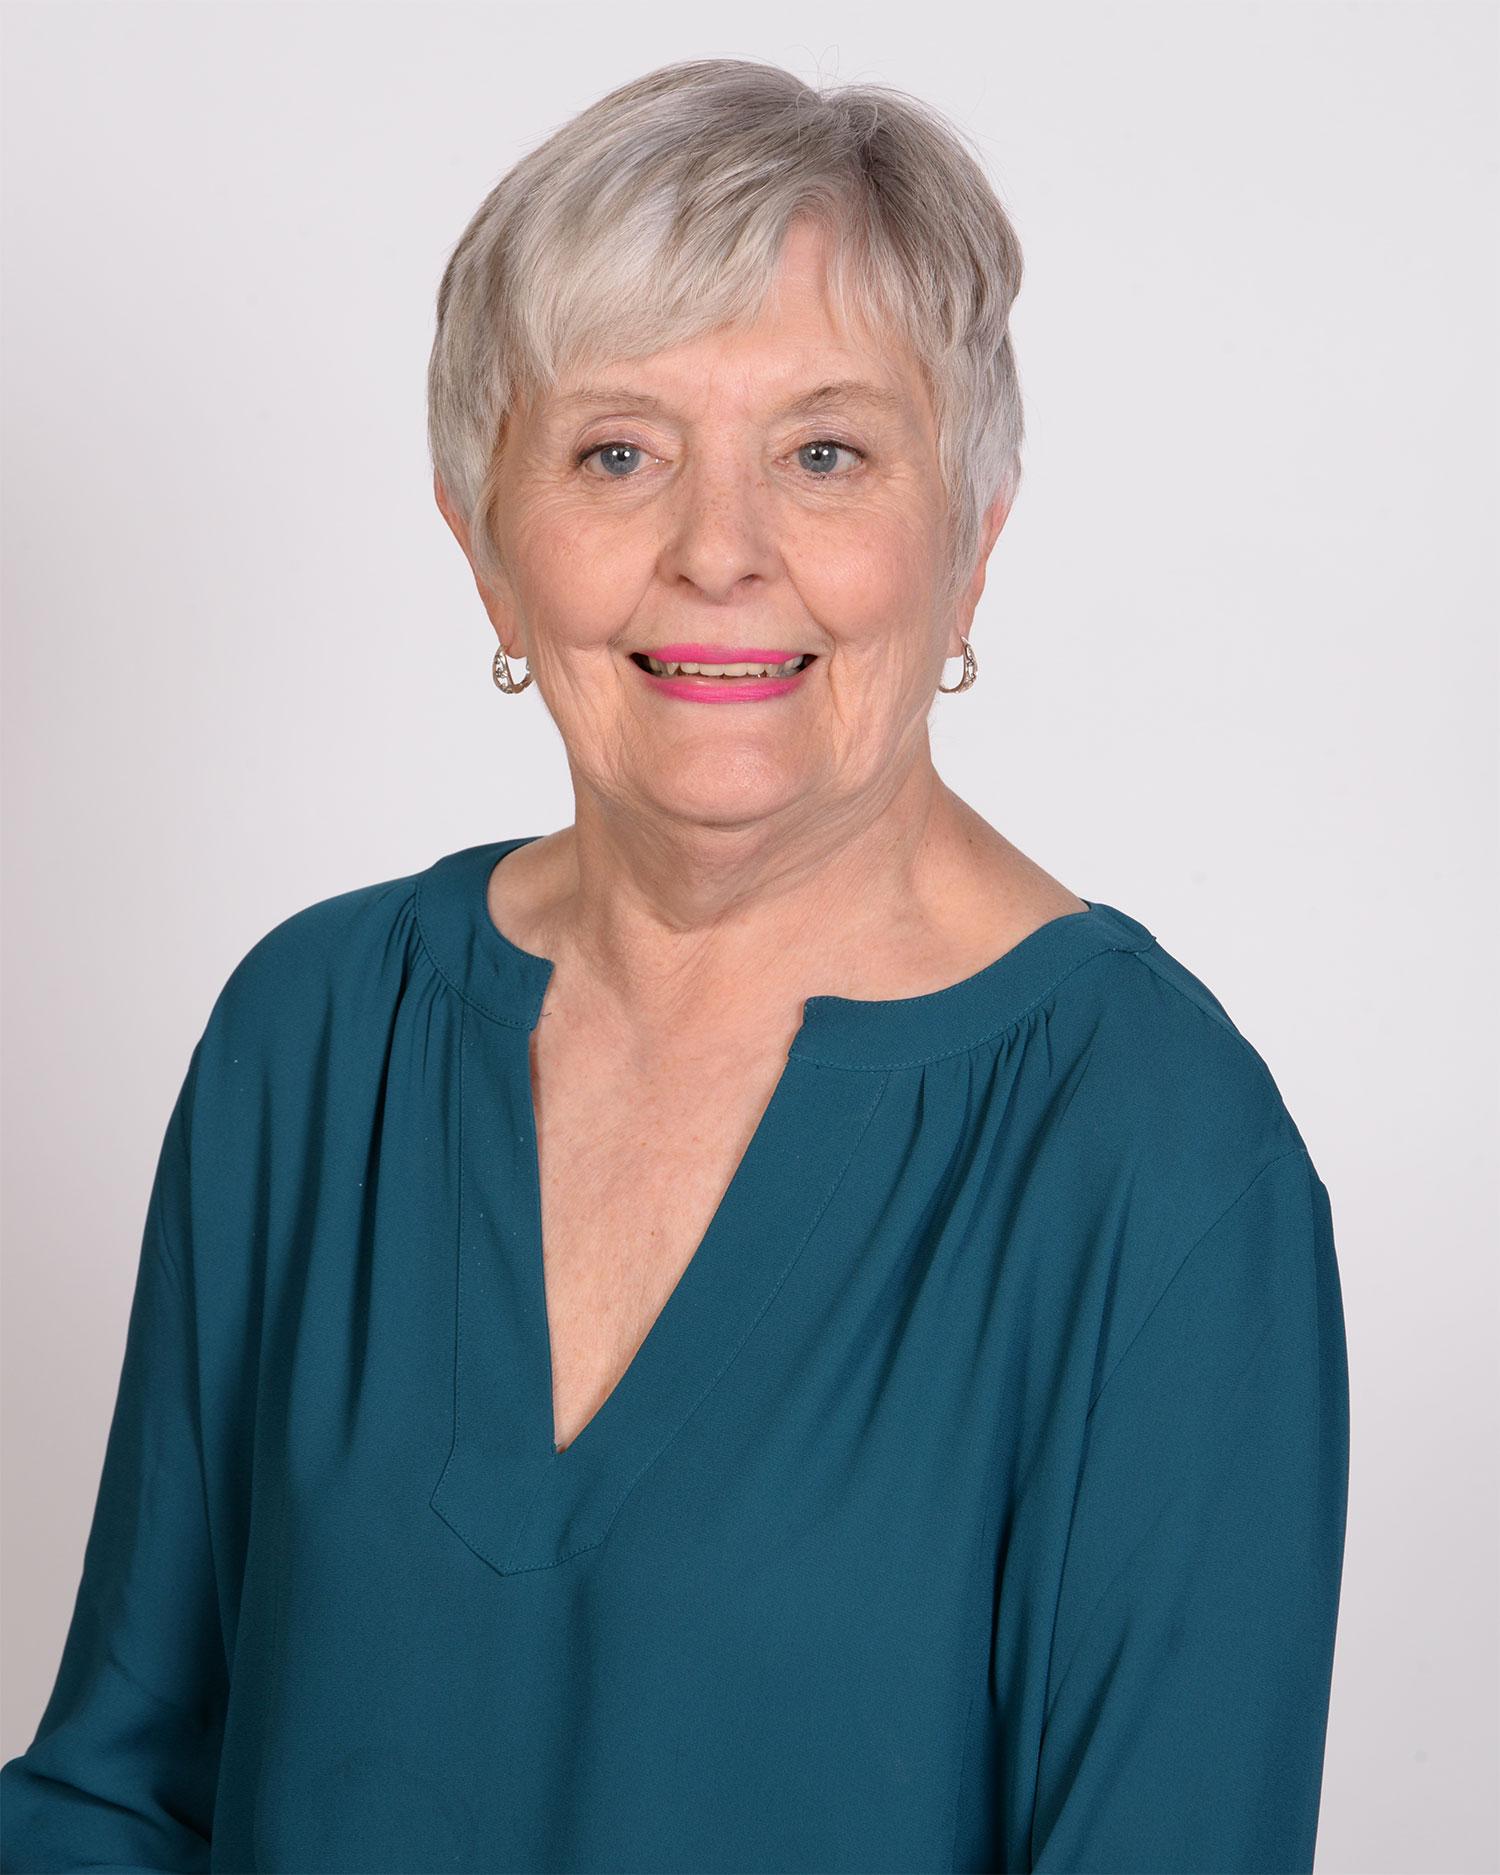 Betty Gianforte